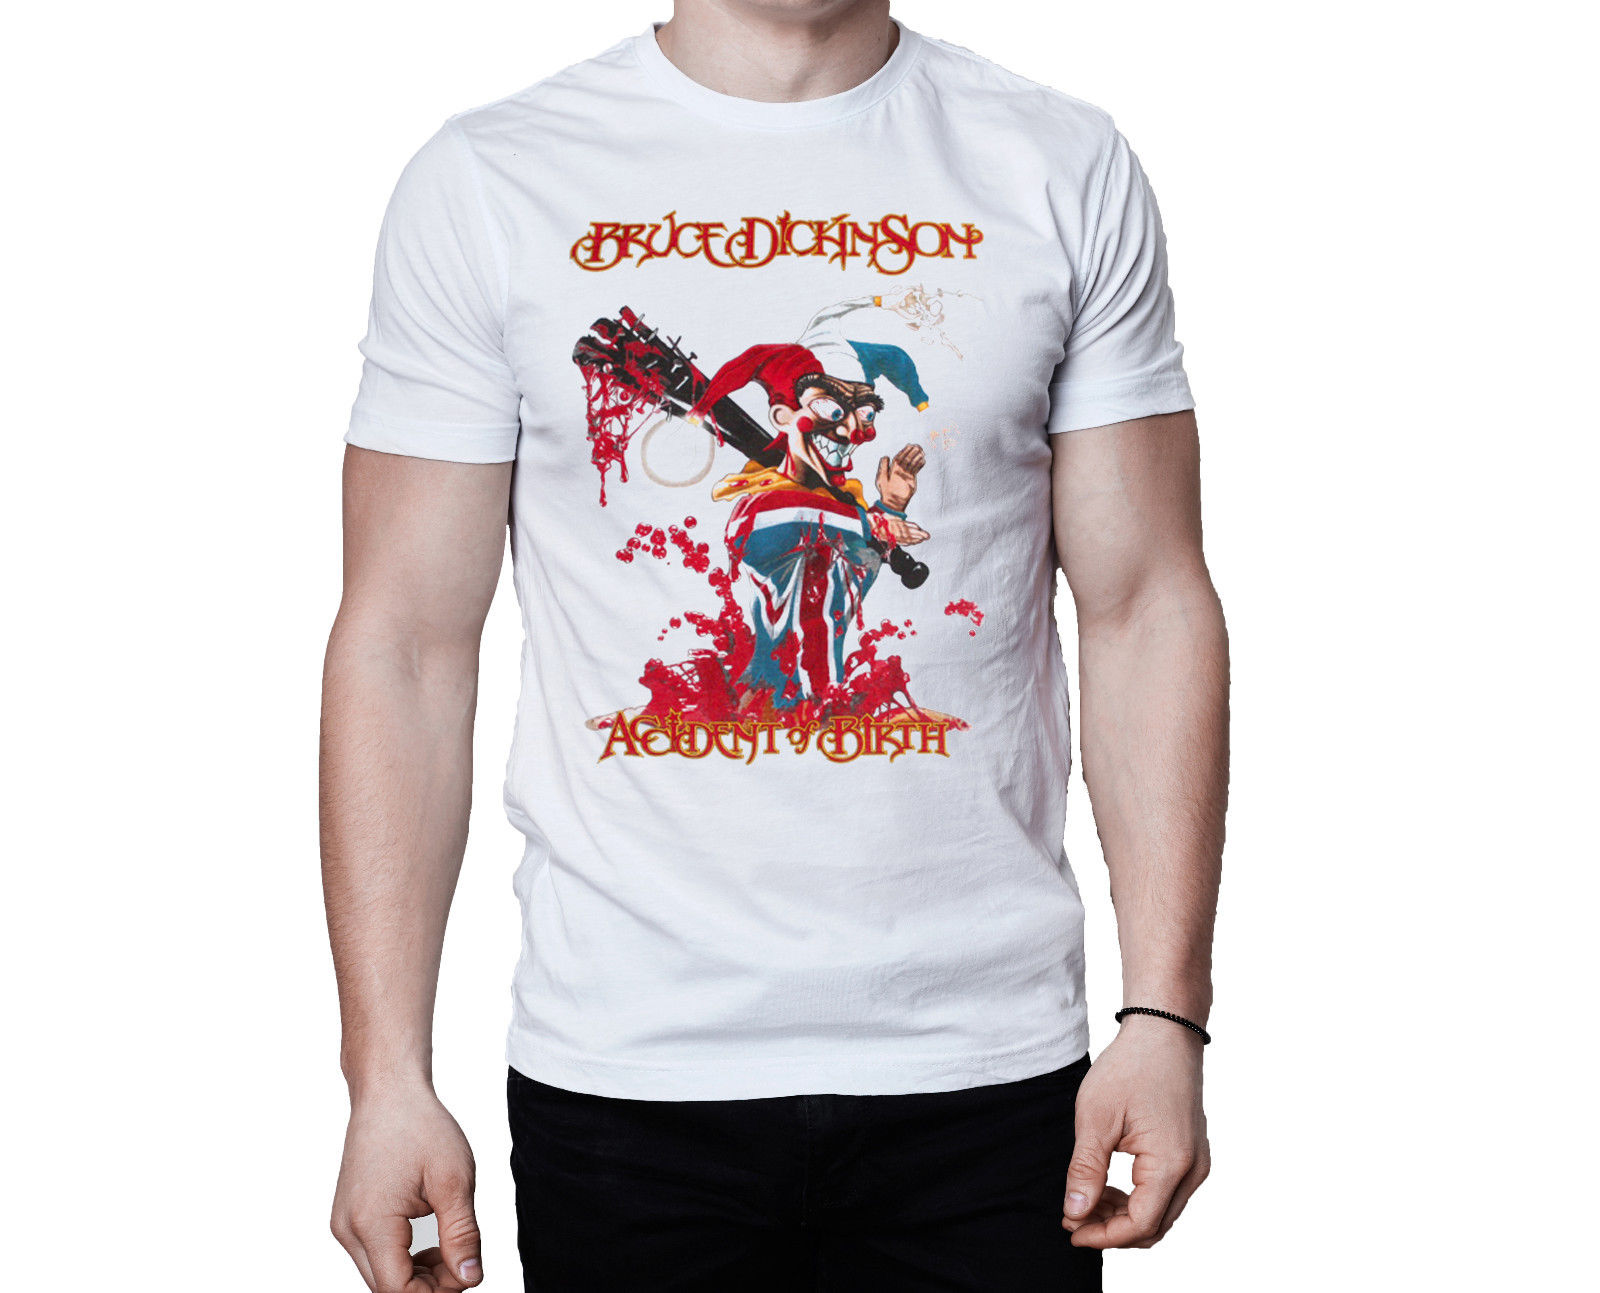 Брюс Дикинсон аварии рождения 1997 Обложка альбома белая футболка 2018 Лето Мужская брендовая одежда с круглым вырезом новая футболка